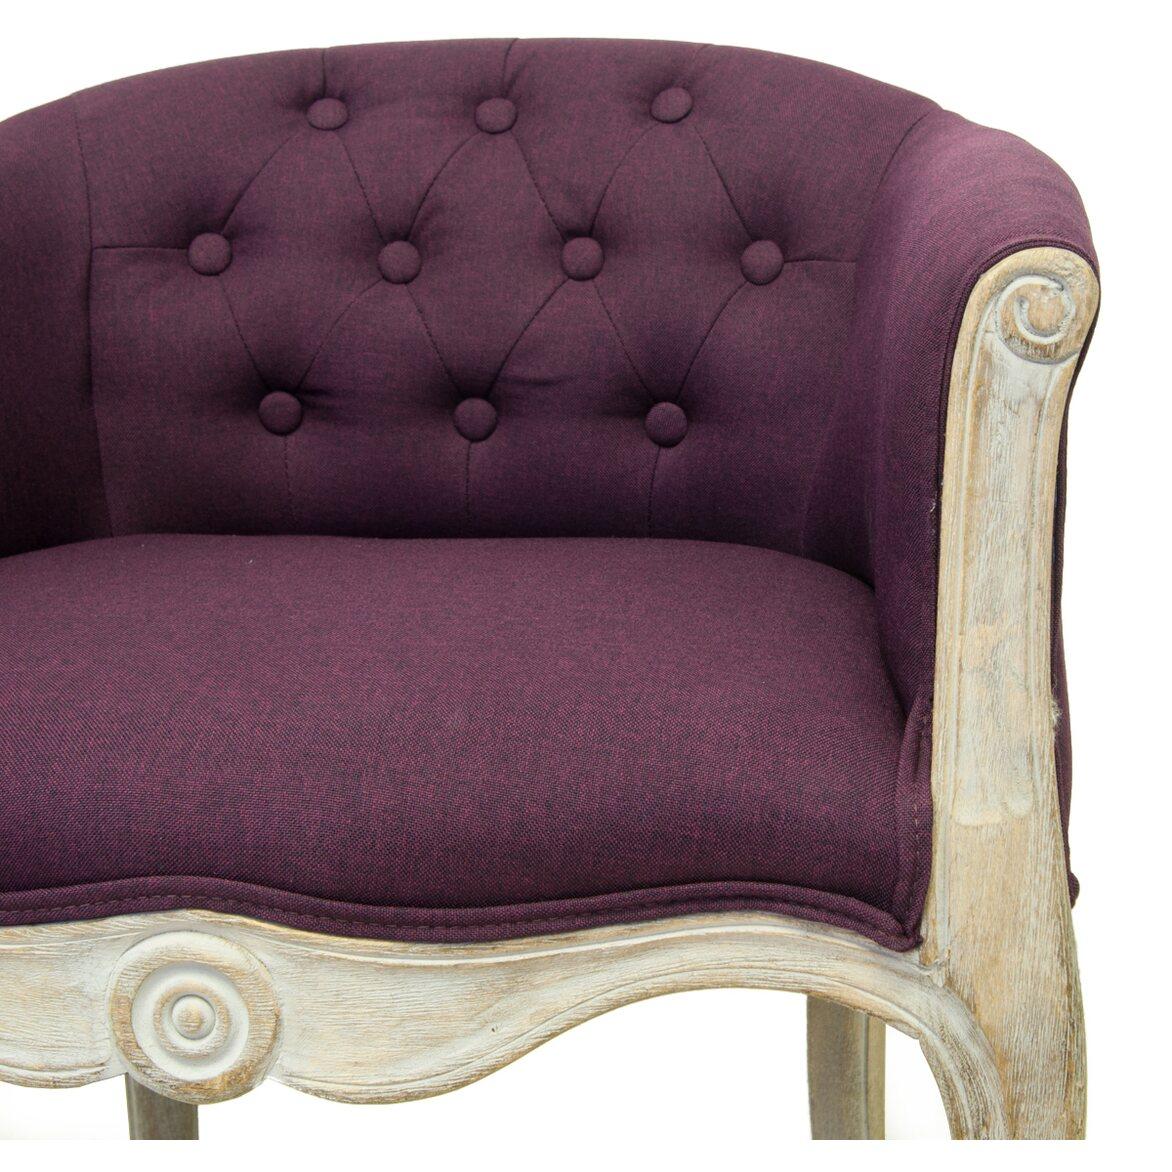 Низкое кресло Kandy violet 4 | Маленькие кресла Kingsby